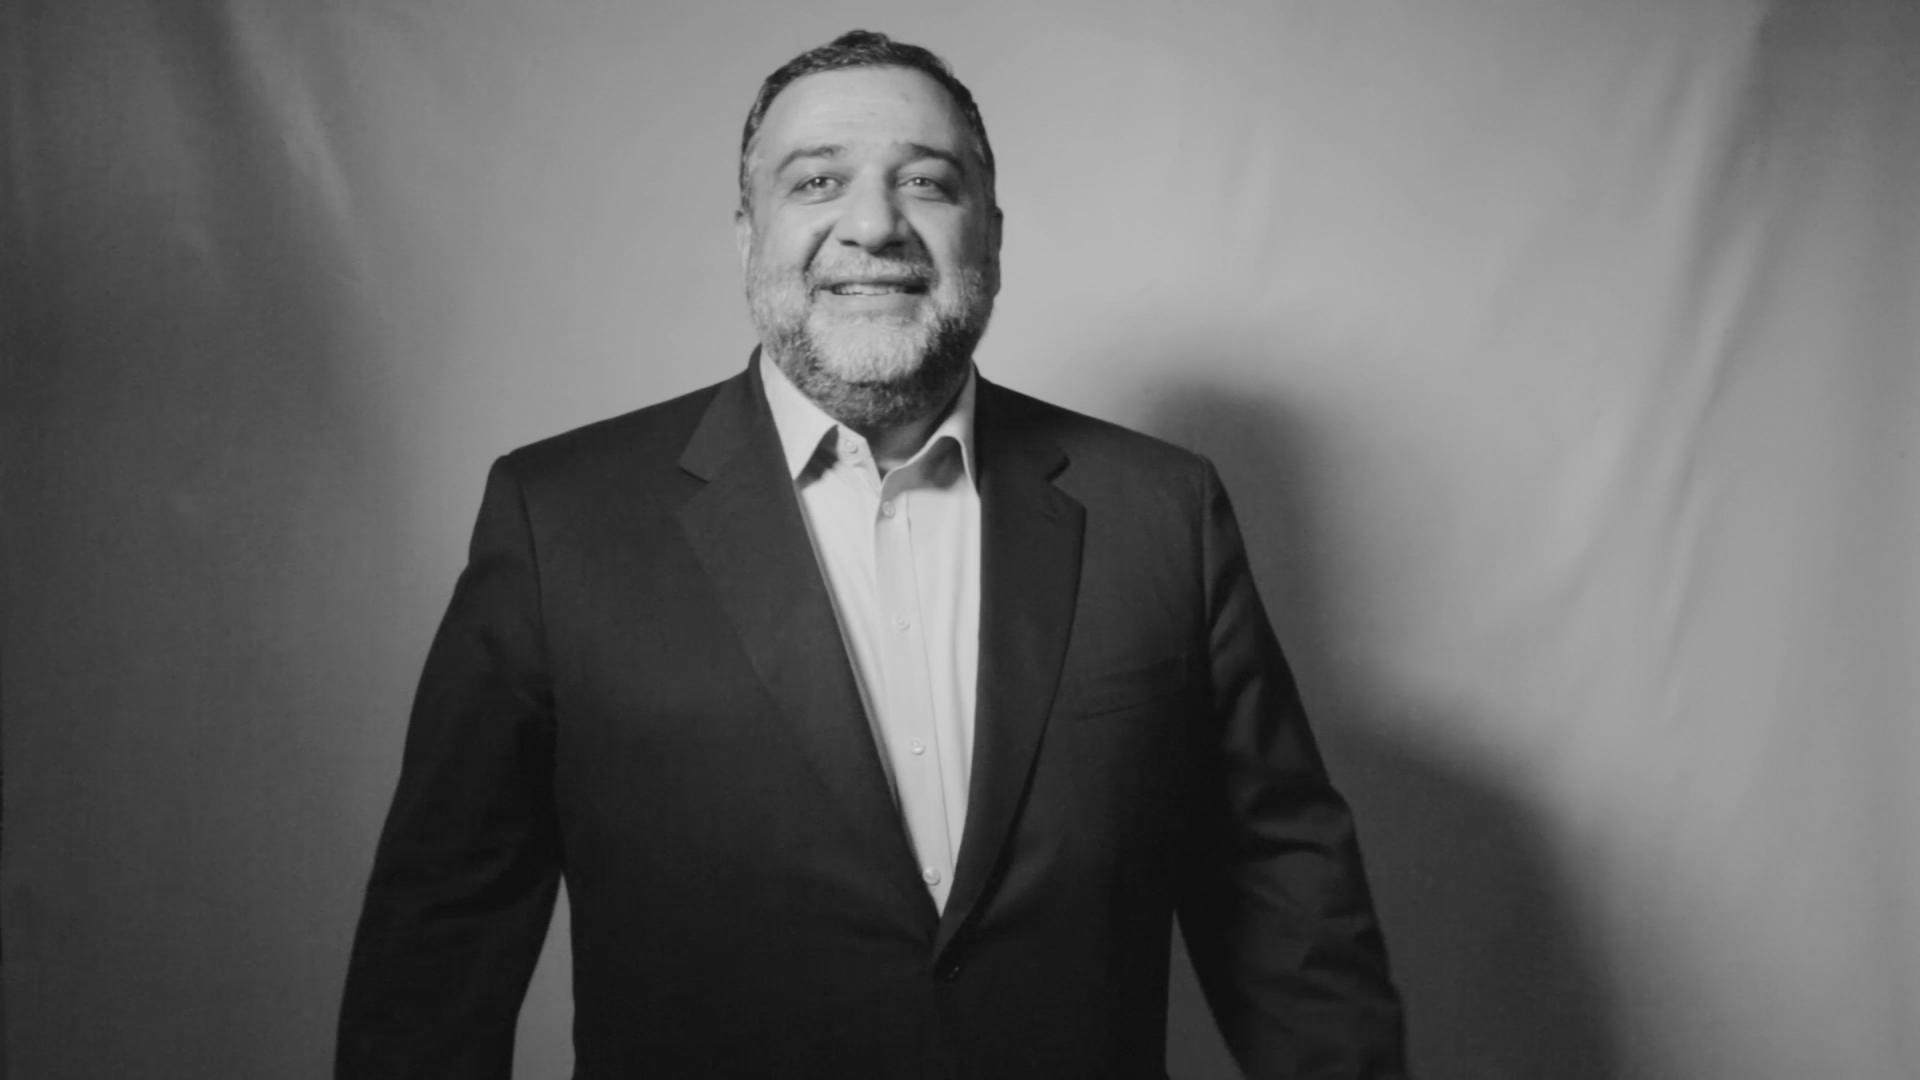 «Предприниматель —это человек, который готов уйти из зоны комфорта», —Рубен Варданян поздравляет Forbes